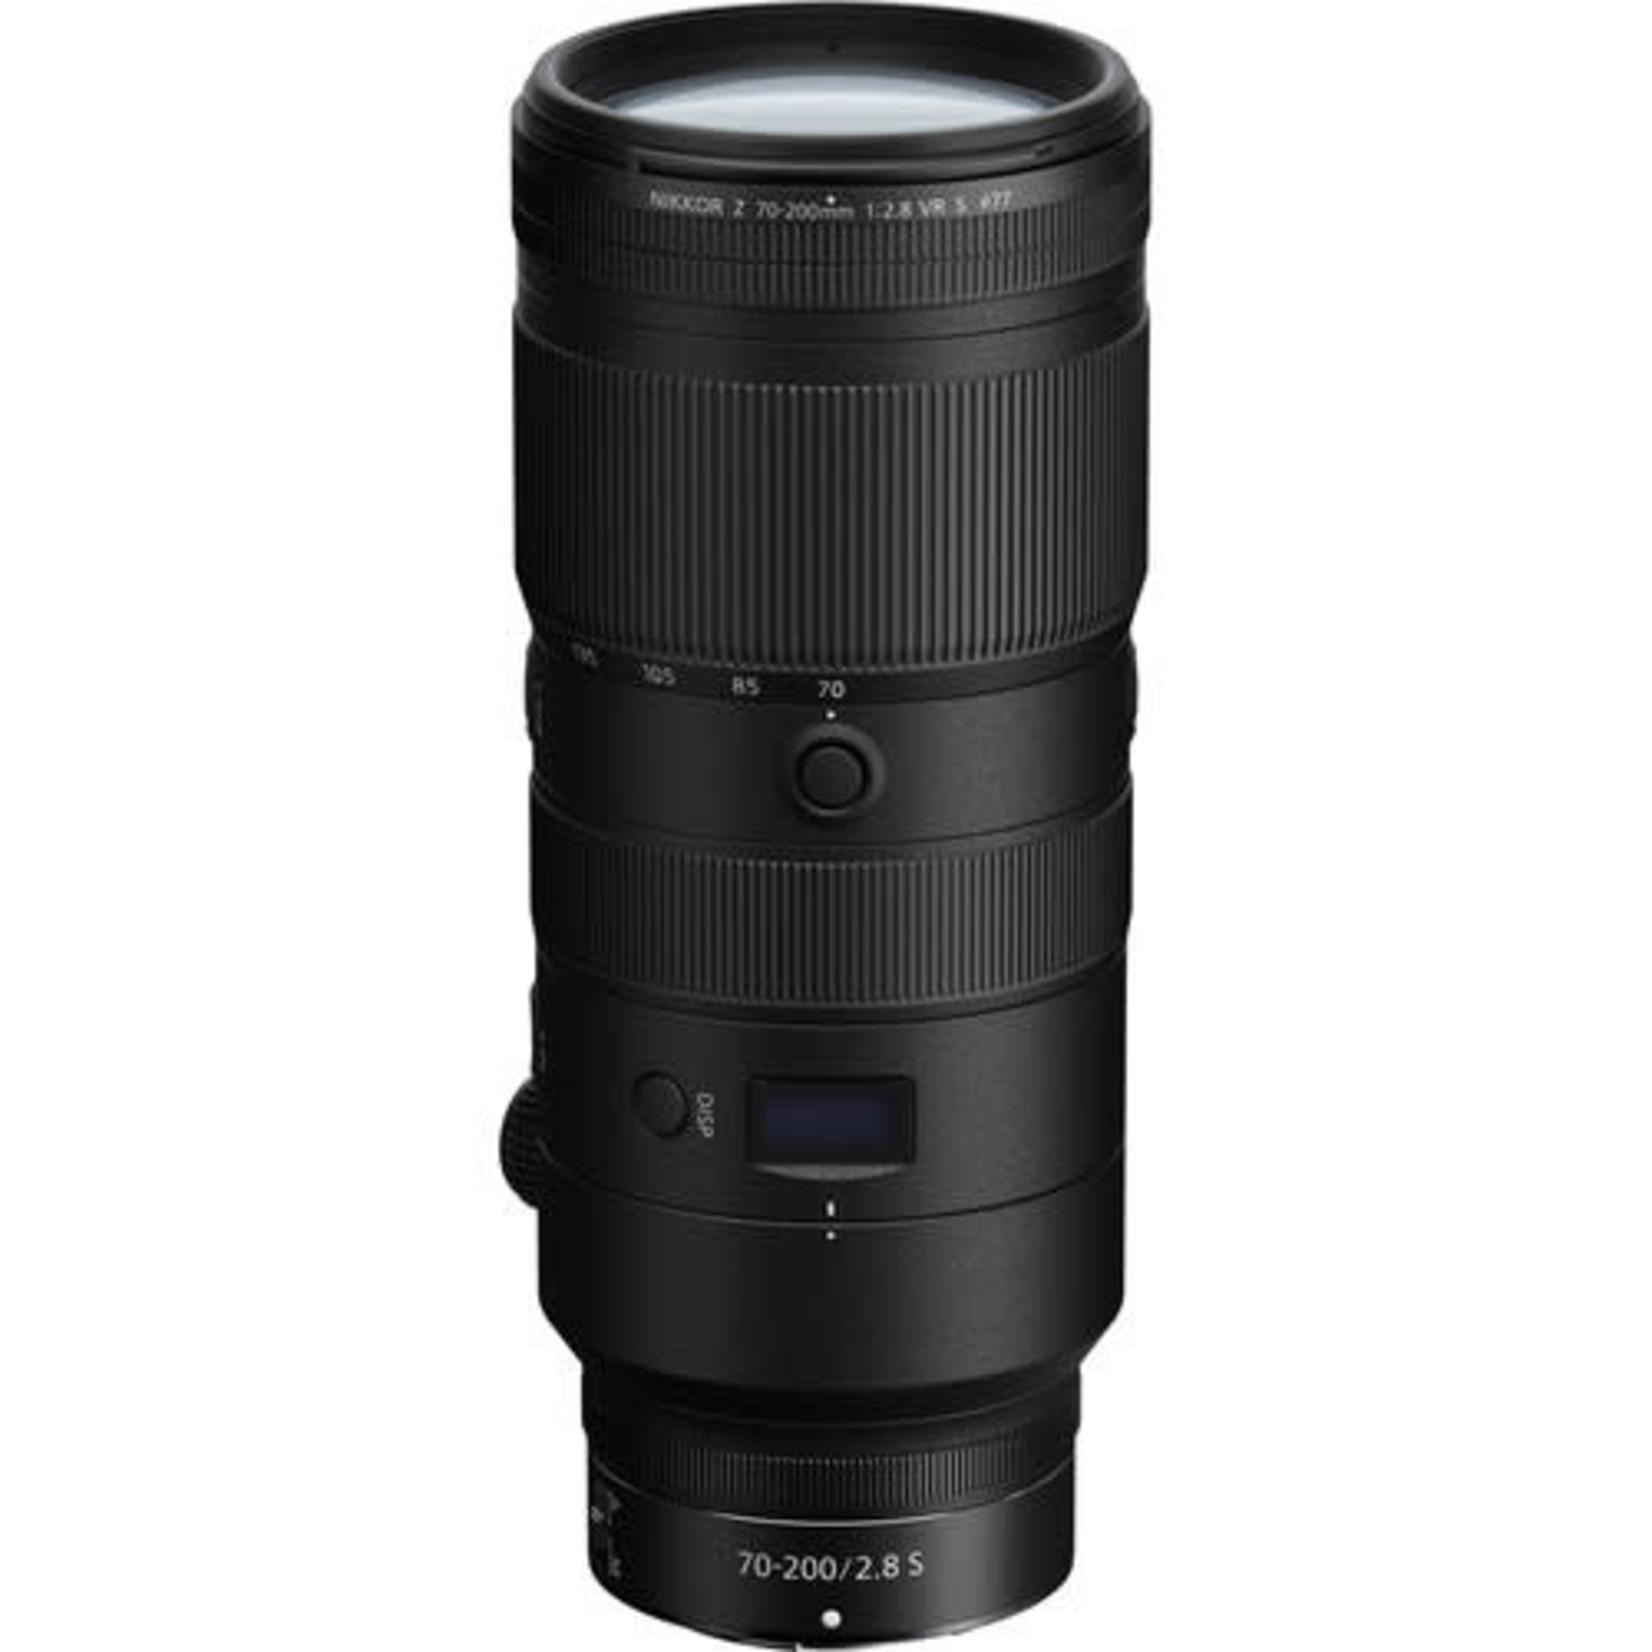 Nikon Nikon NIKKOR Z 70-200mm f/2.8 VR S Lens